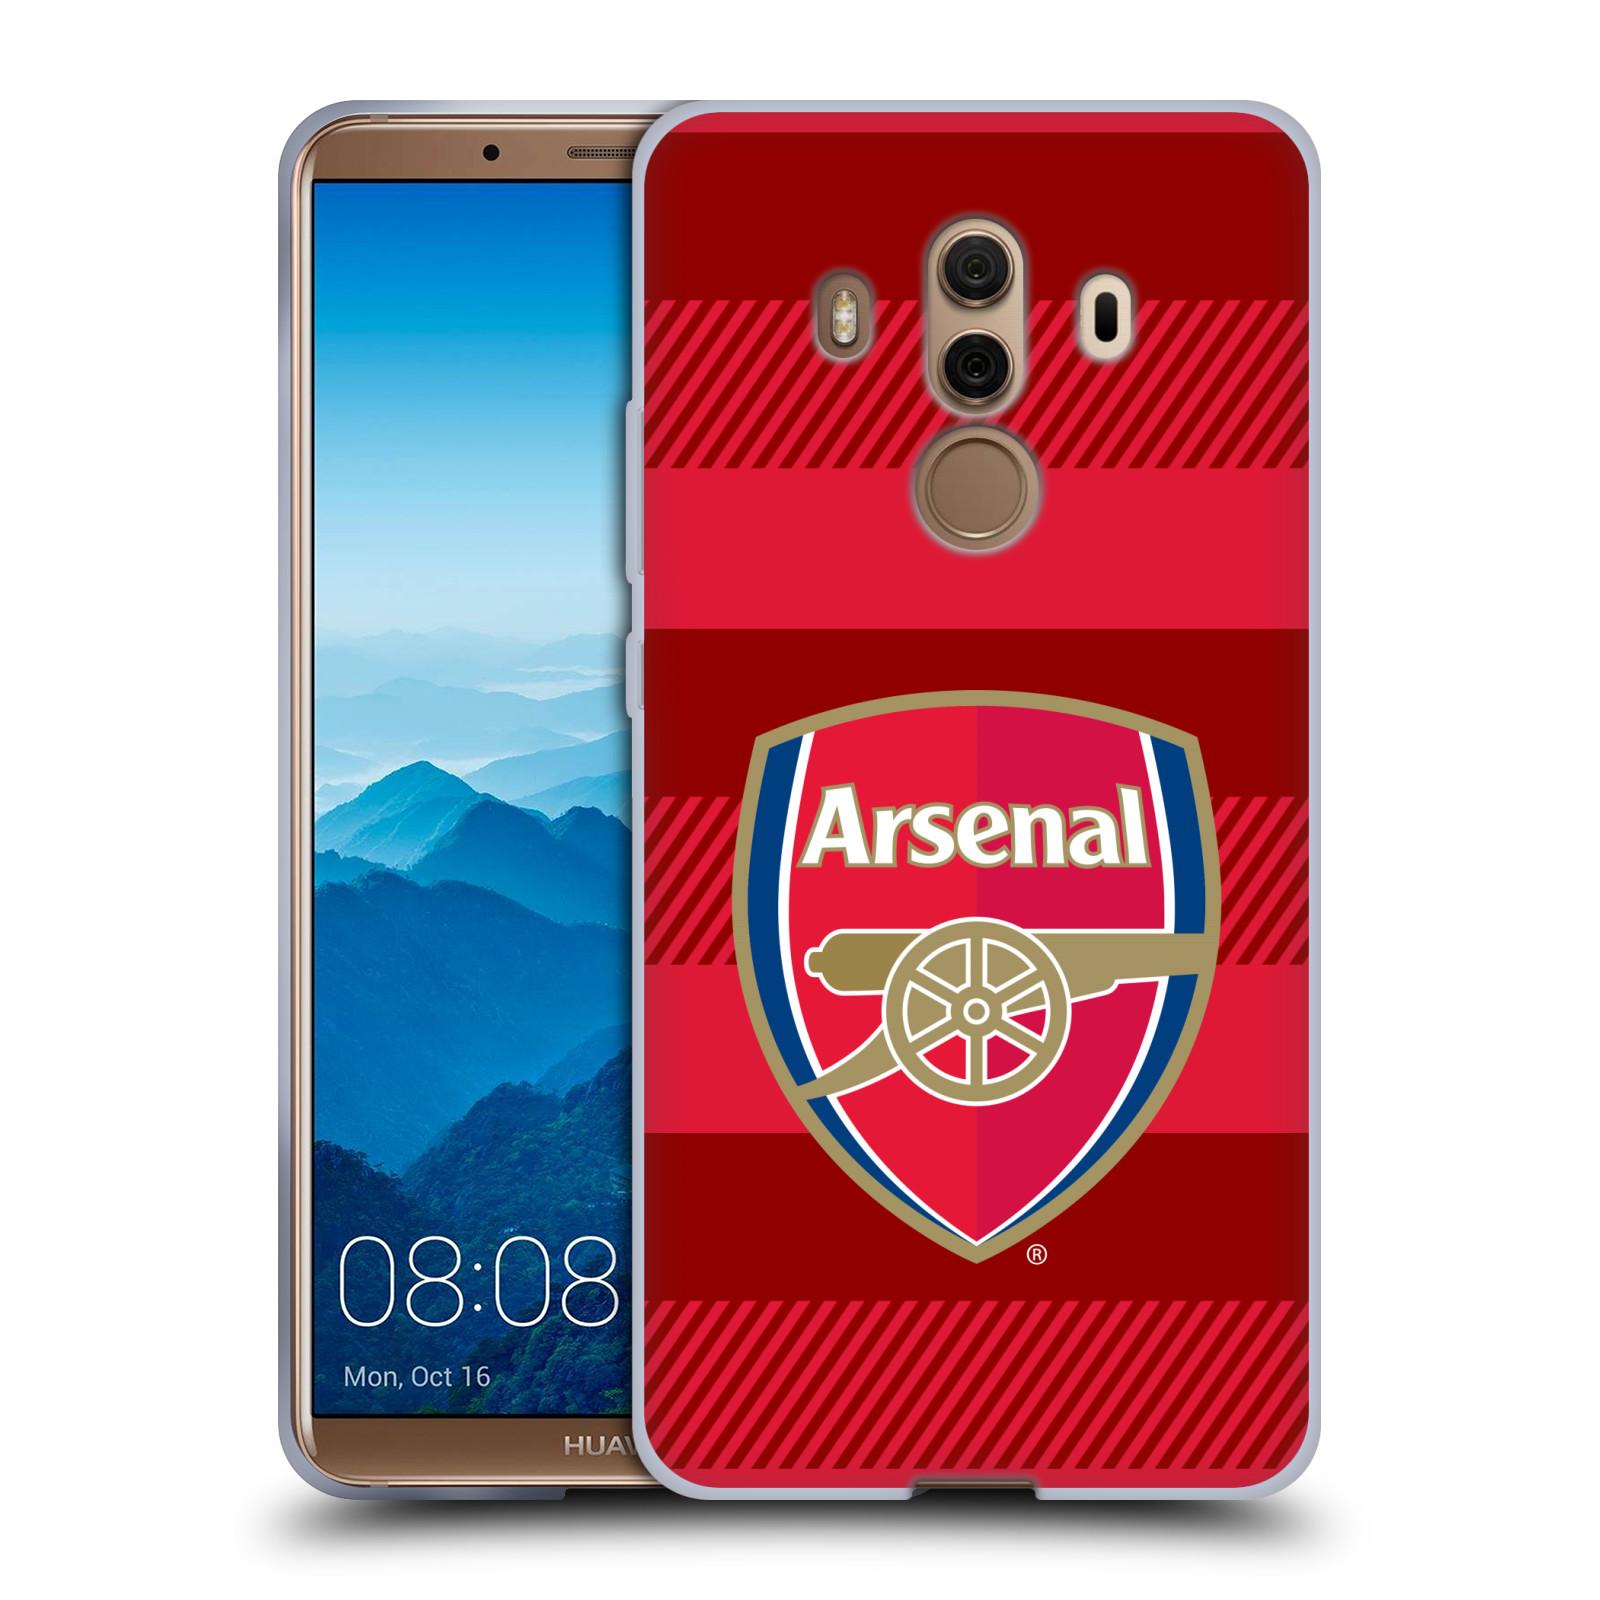 Silikonové pouzdro na mobil Huawei Mate 10 Pro - Head Case - Arsenal FC - Logo s pruhy